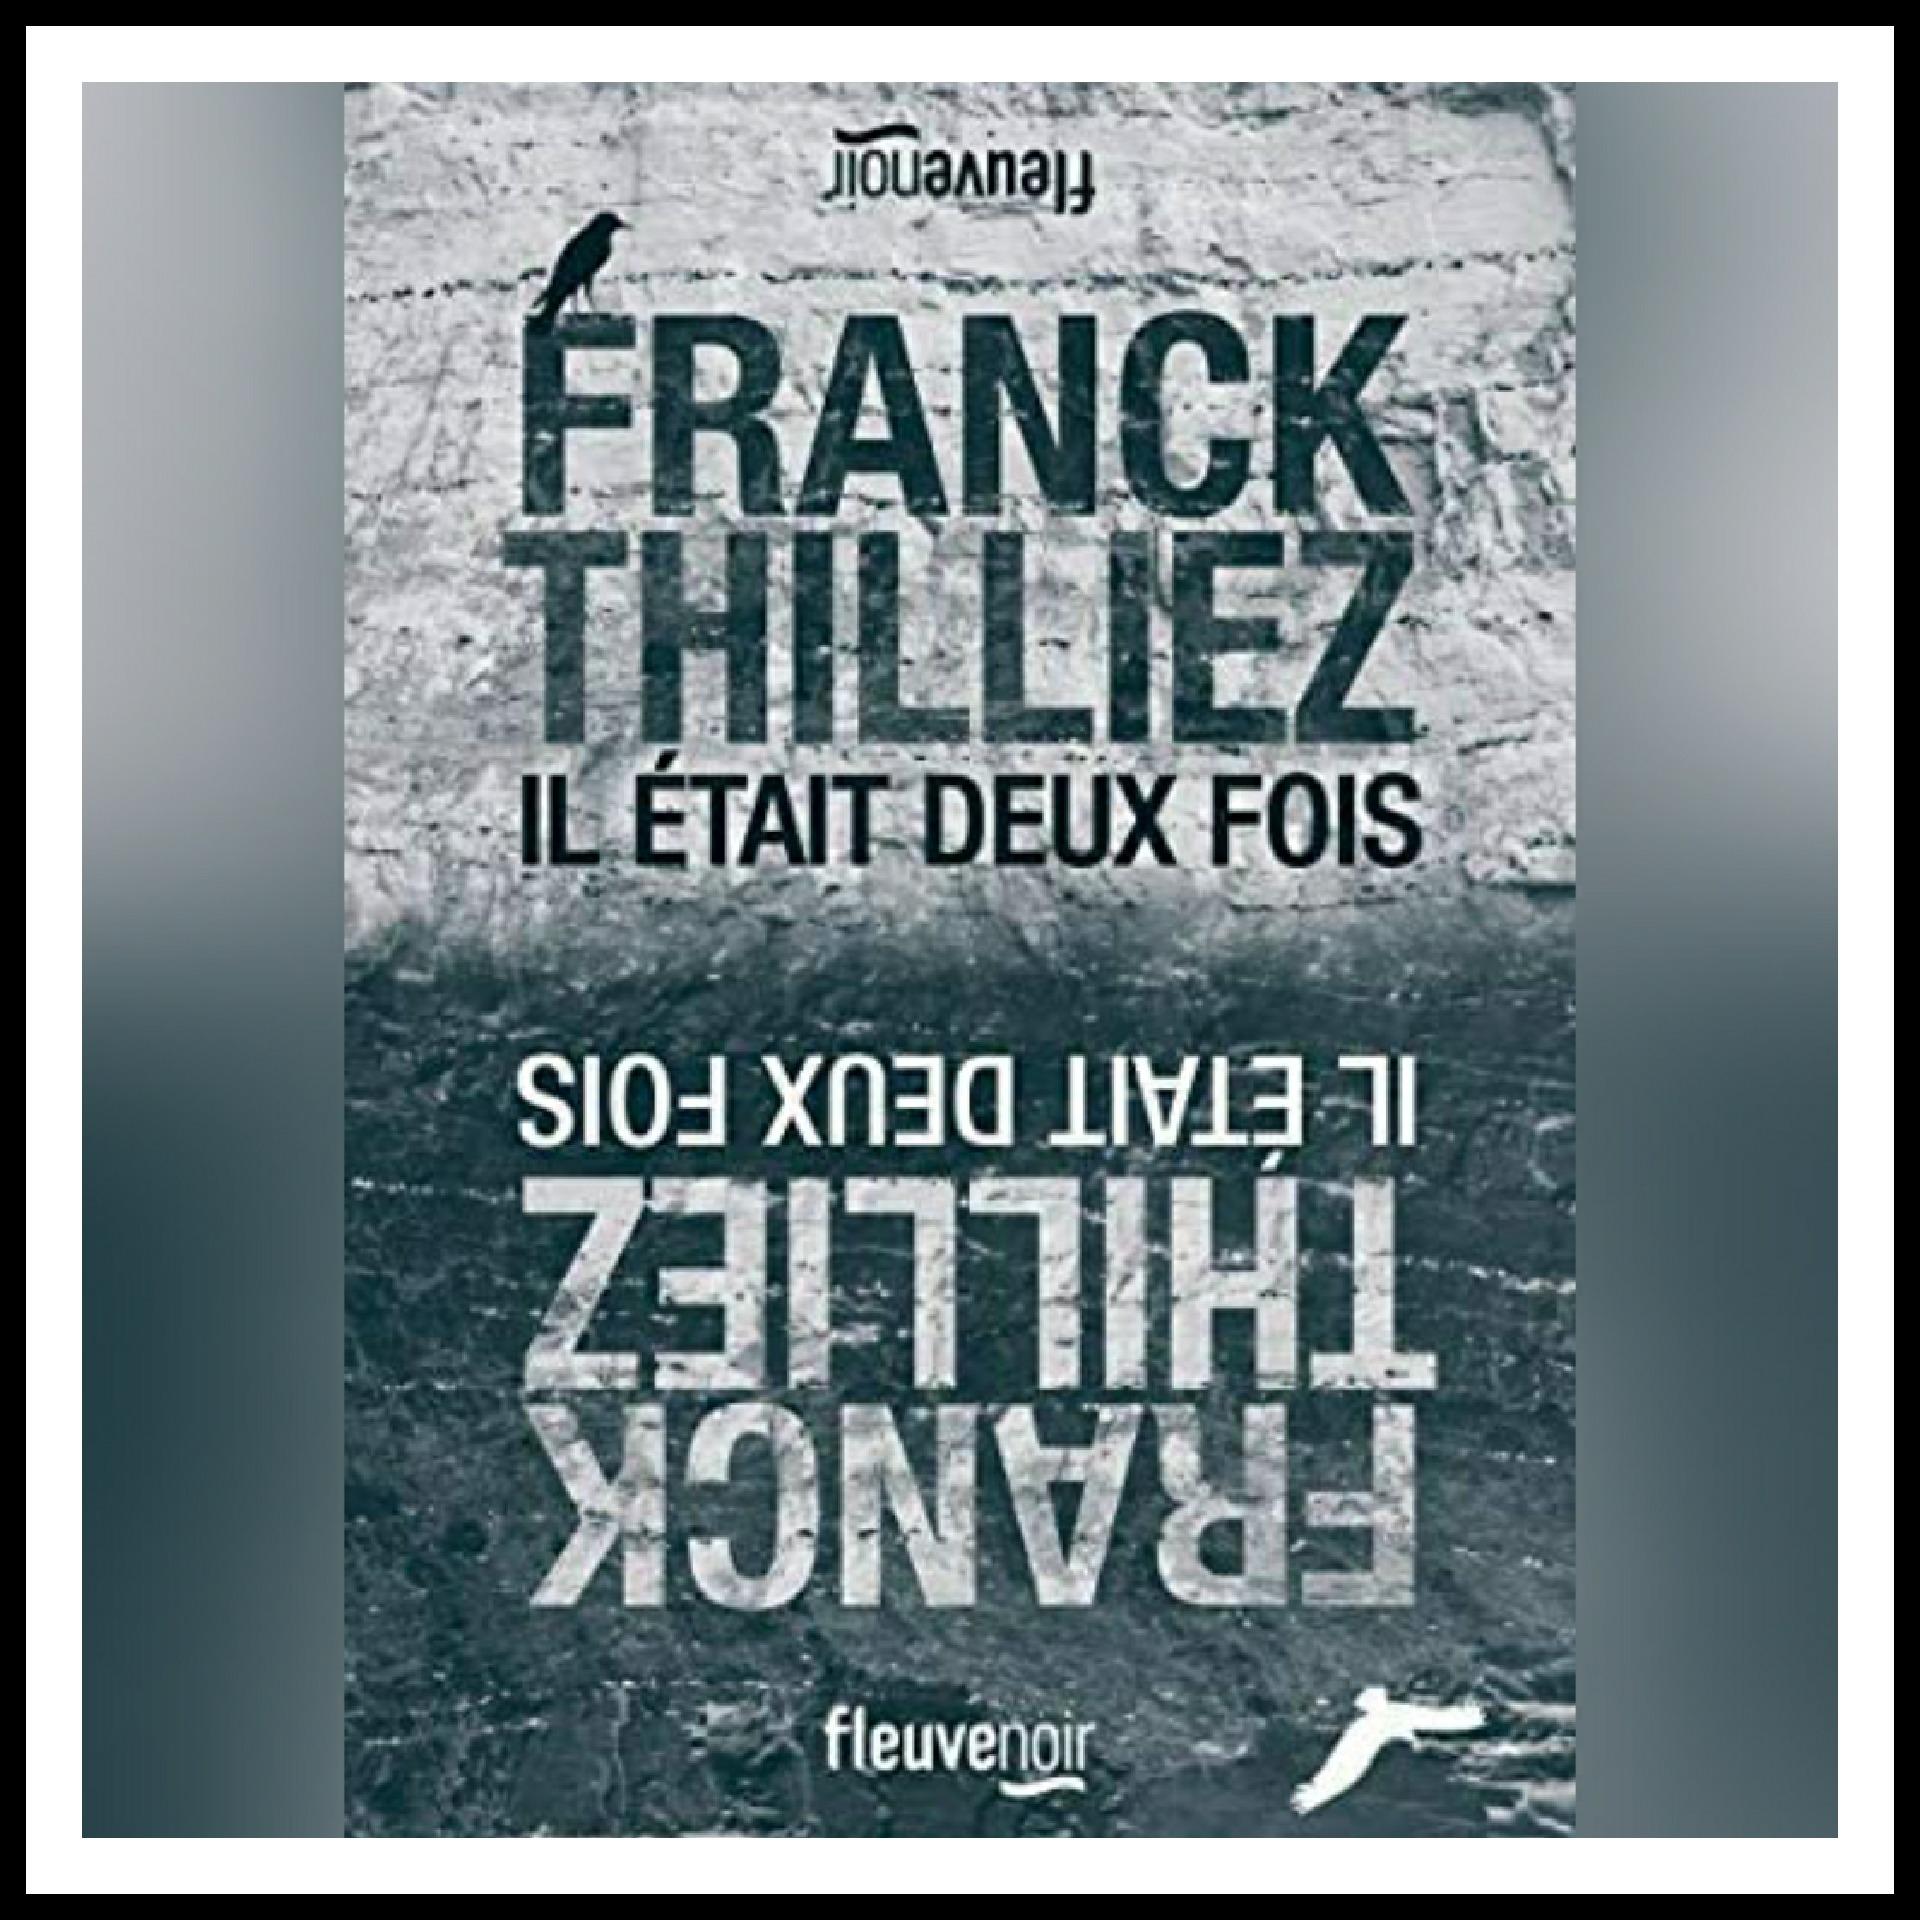 Chroniques 2020 \ Il était deux fois de Franck Thilliez